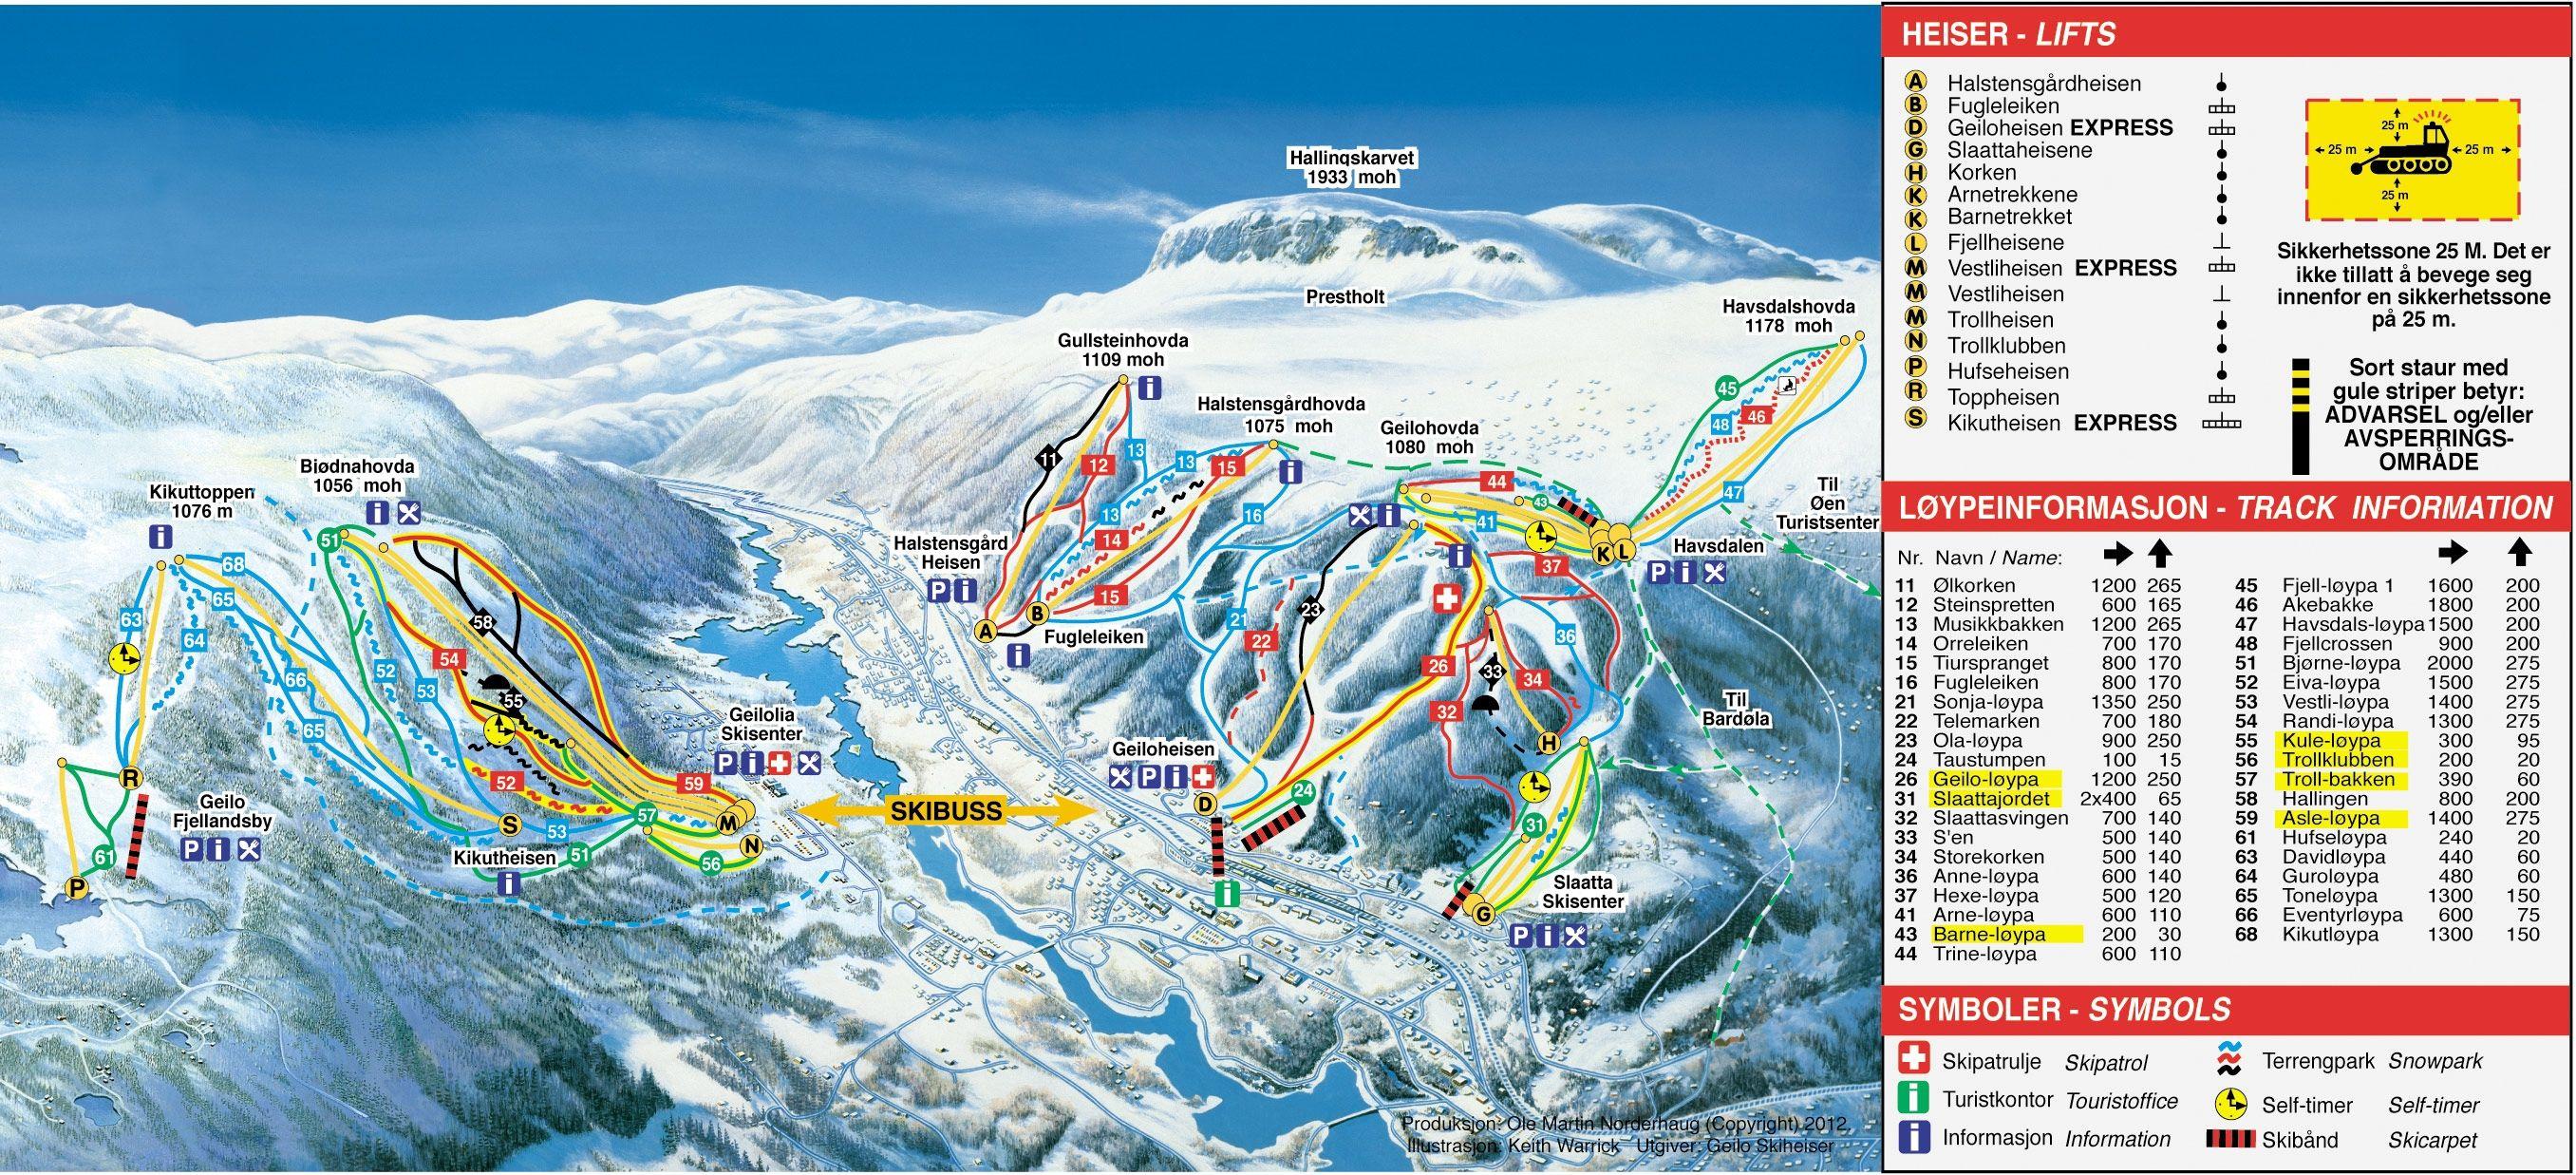 Pistekaart Geilo Skigebied Met 35 Km Piste In Noorwegen